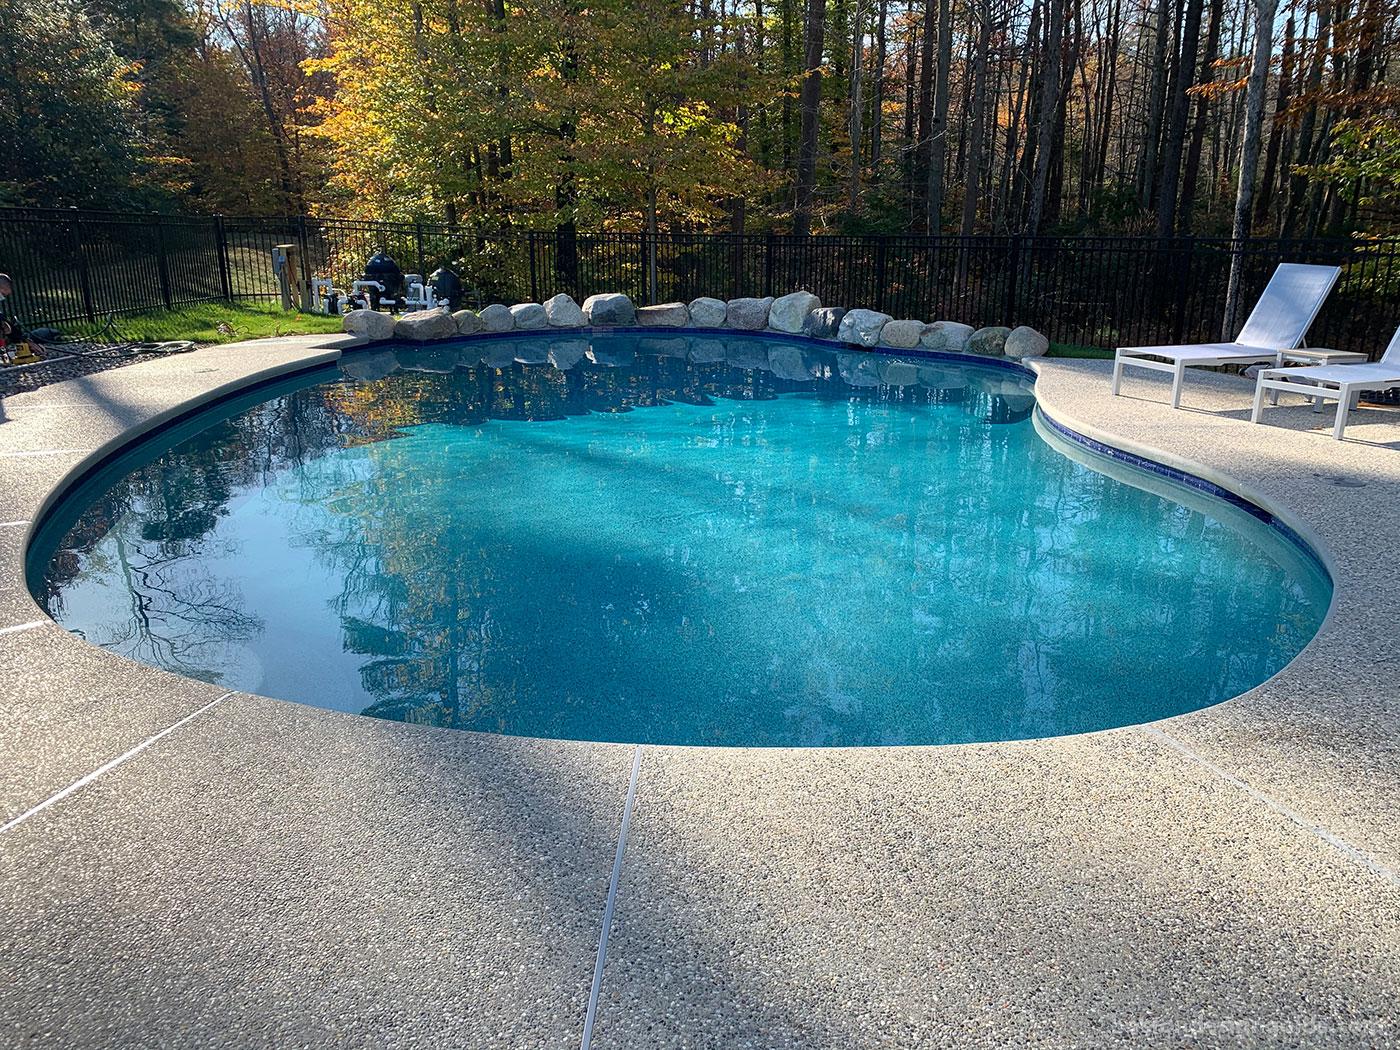 Custom gunite pool by New England pool company SSG Pools & Spas